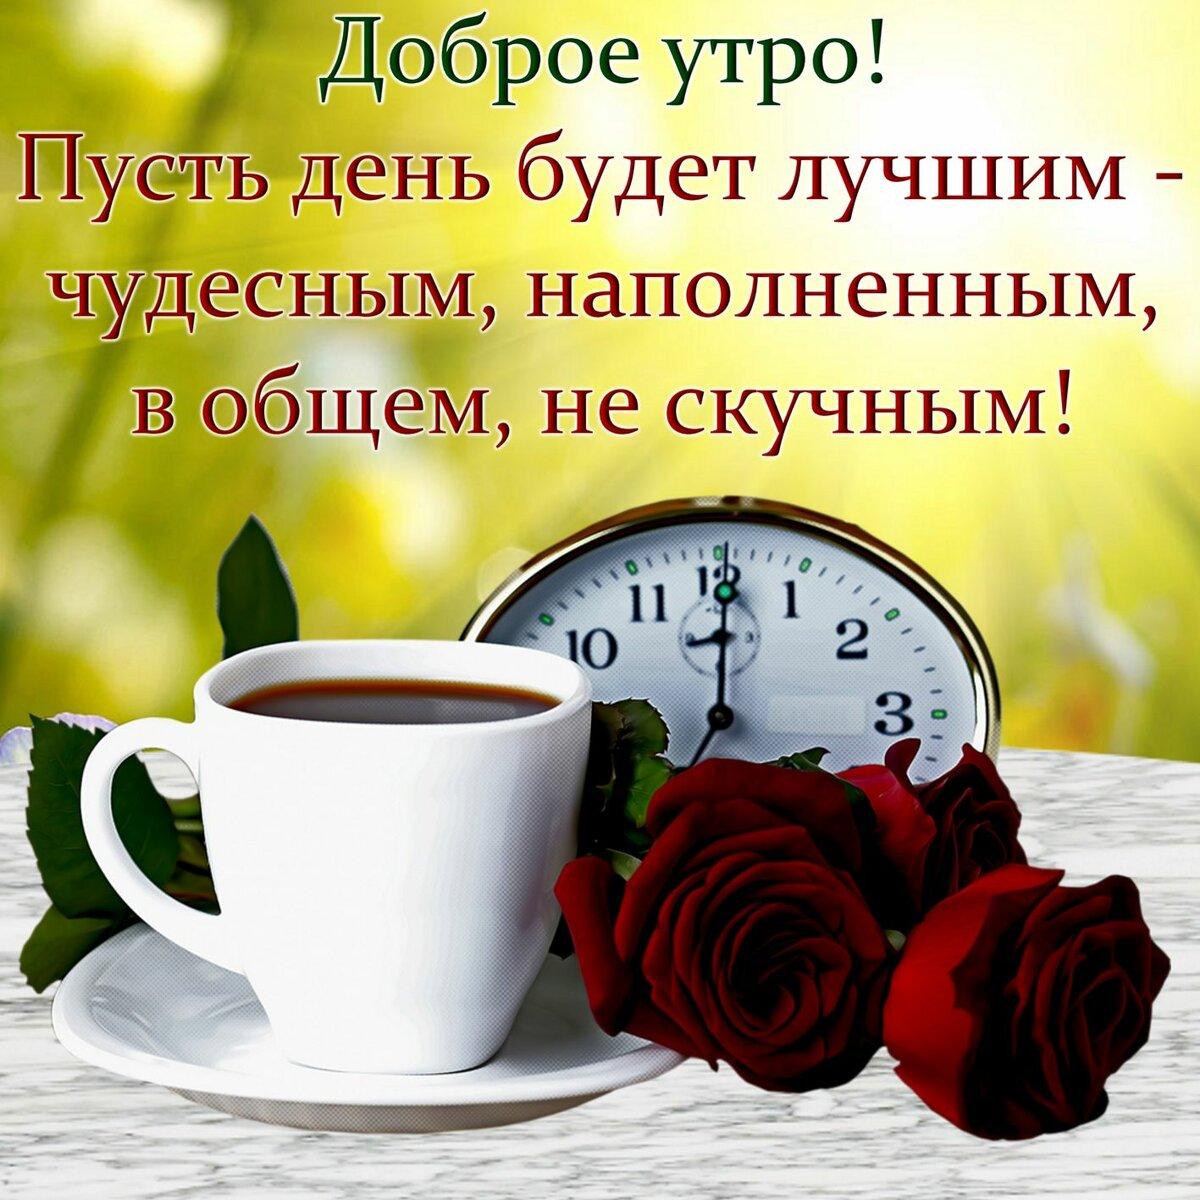 Пожелания доброго утра хорошего дня в открытках